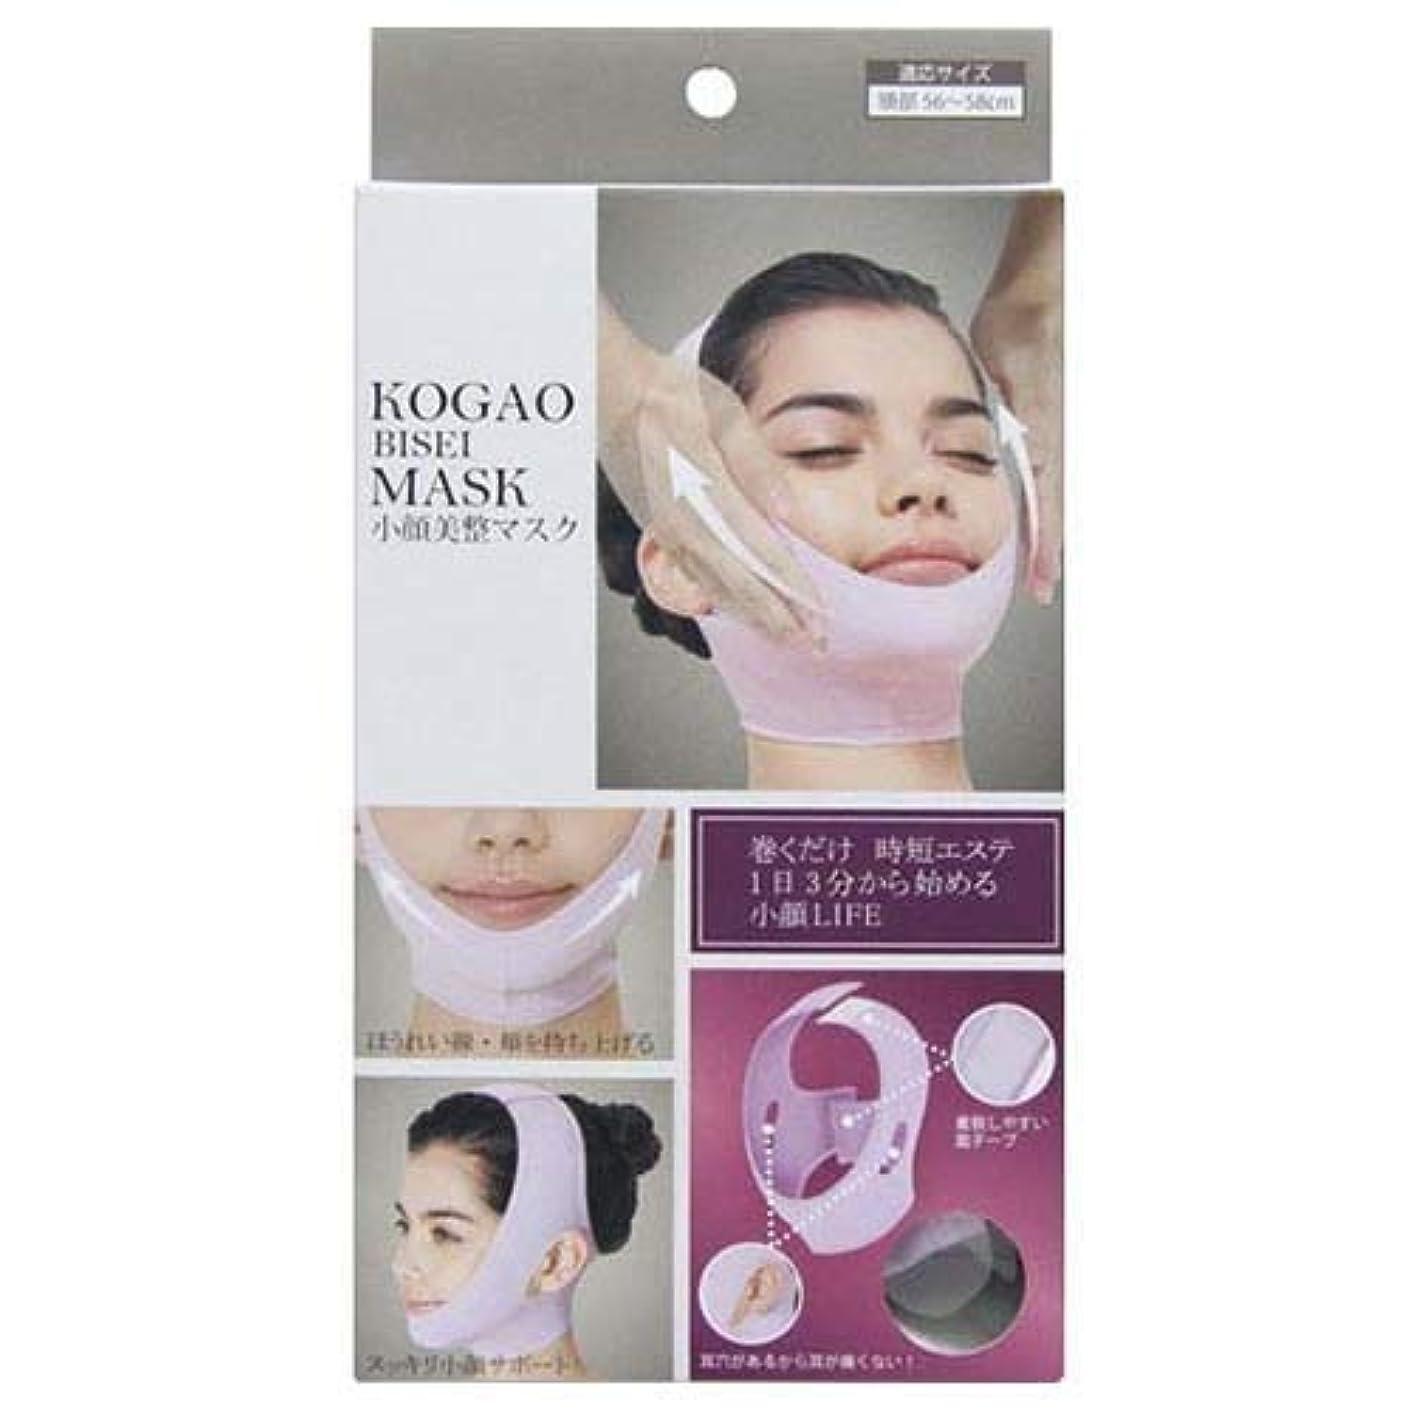 製品姪検出器グローバル?ジャパン 小顔美整マスク ふつう ラベンダー 1個